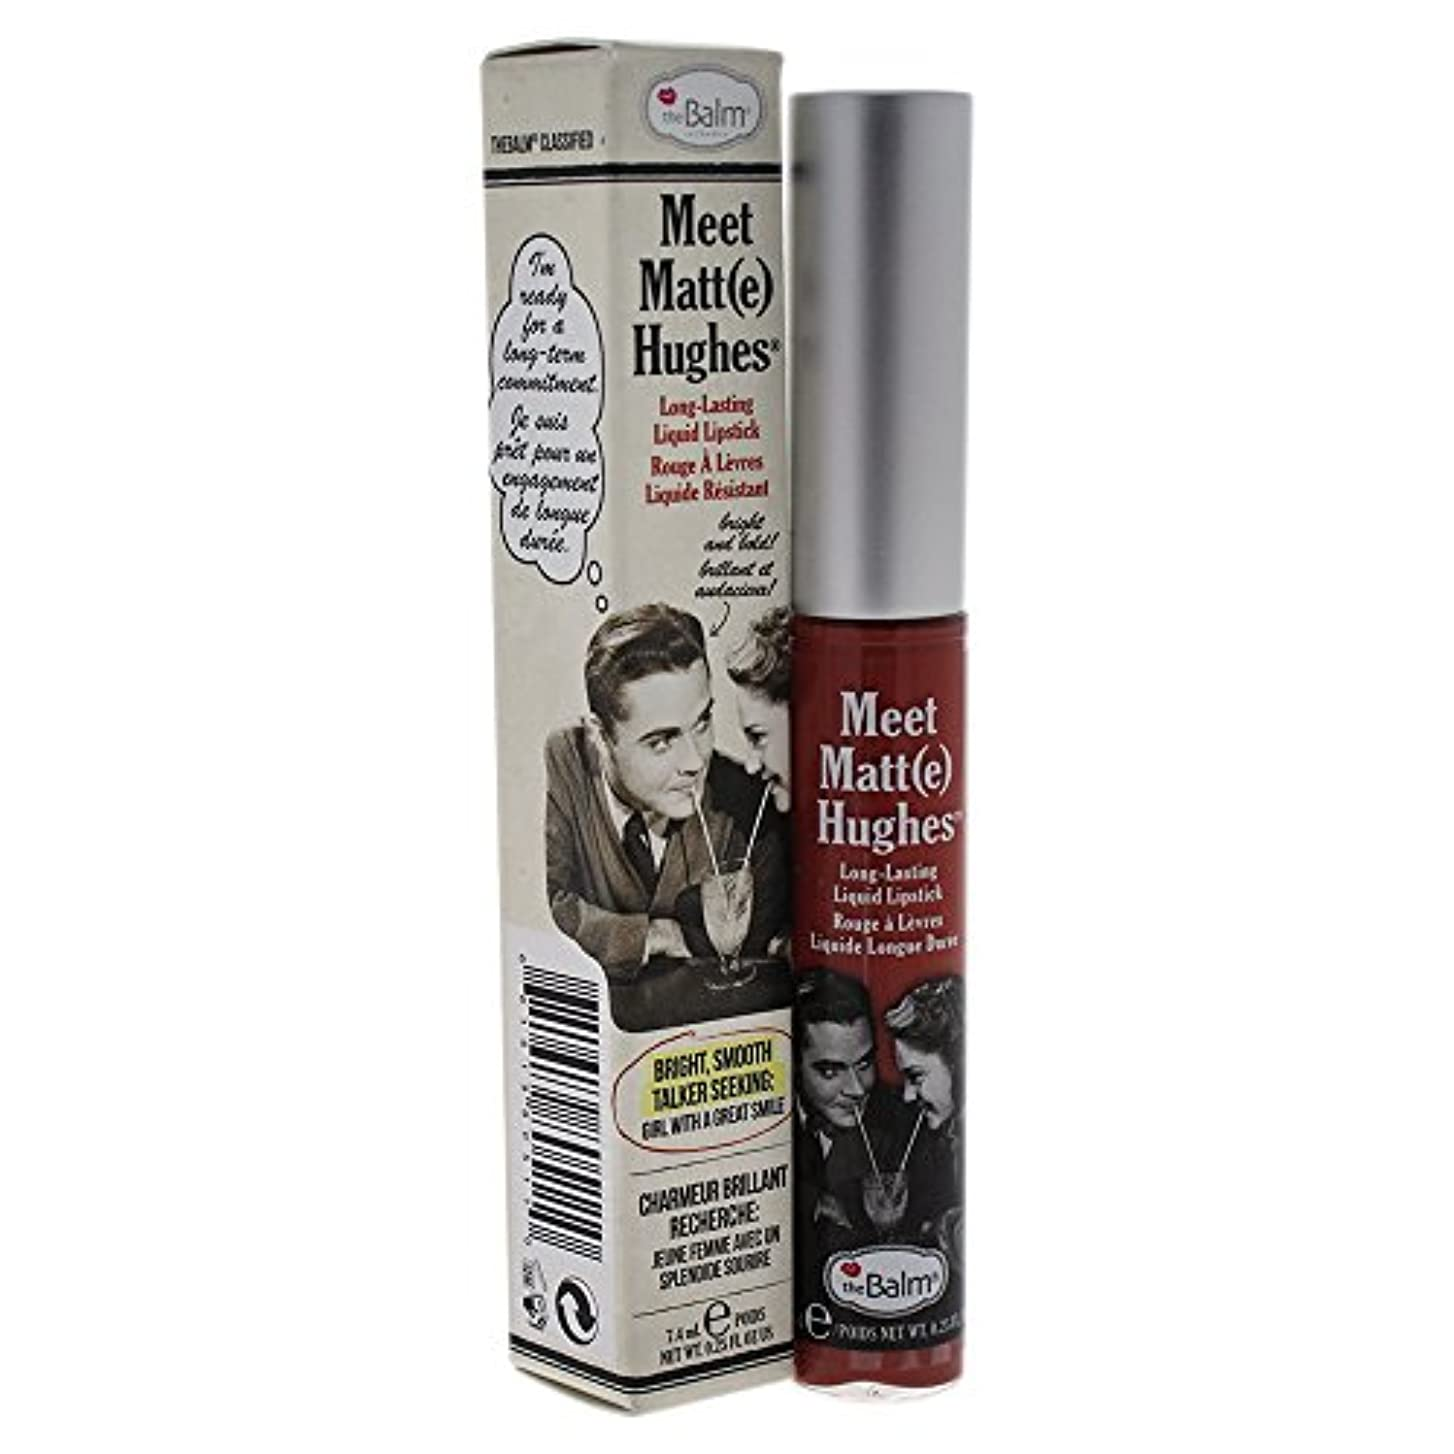 ウェイトレス代わりに遅らせるザバーム Meet Matte Hughes Long Lasting Liquid Lipstick - Committed 7.4ml/0.25oz並行輸入品